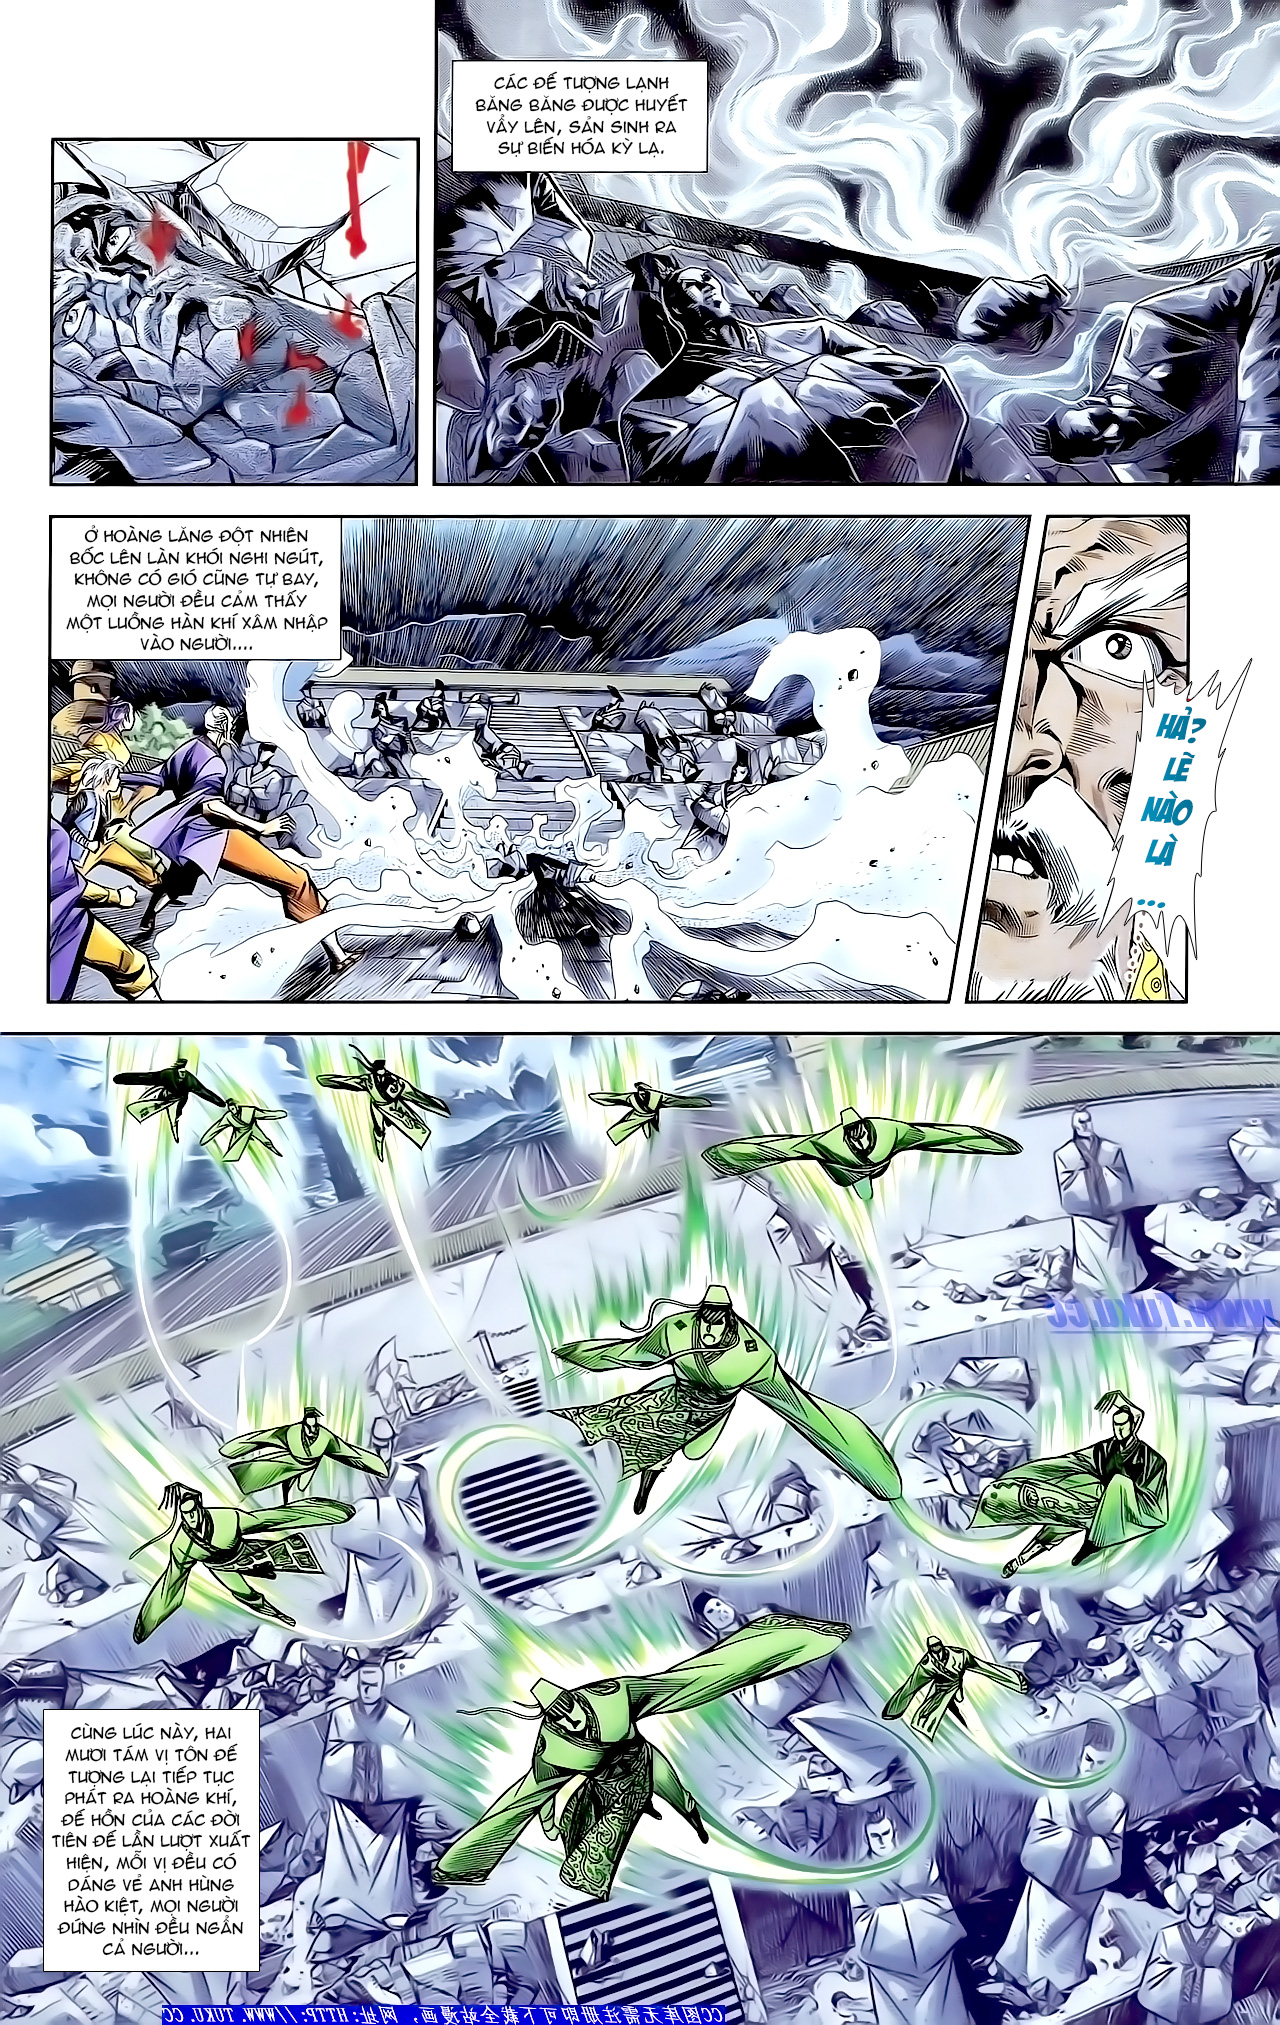 Cơ Phát Khai Chu Bản chapter 163.1 trang 13